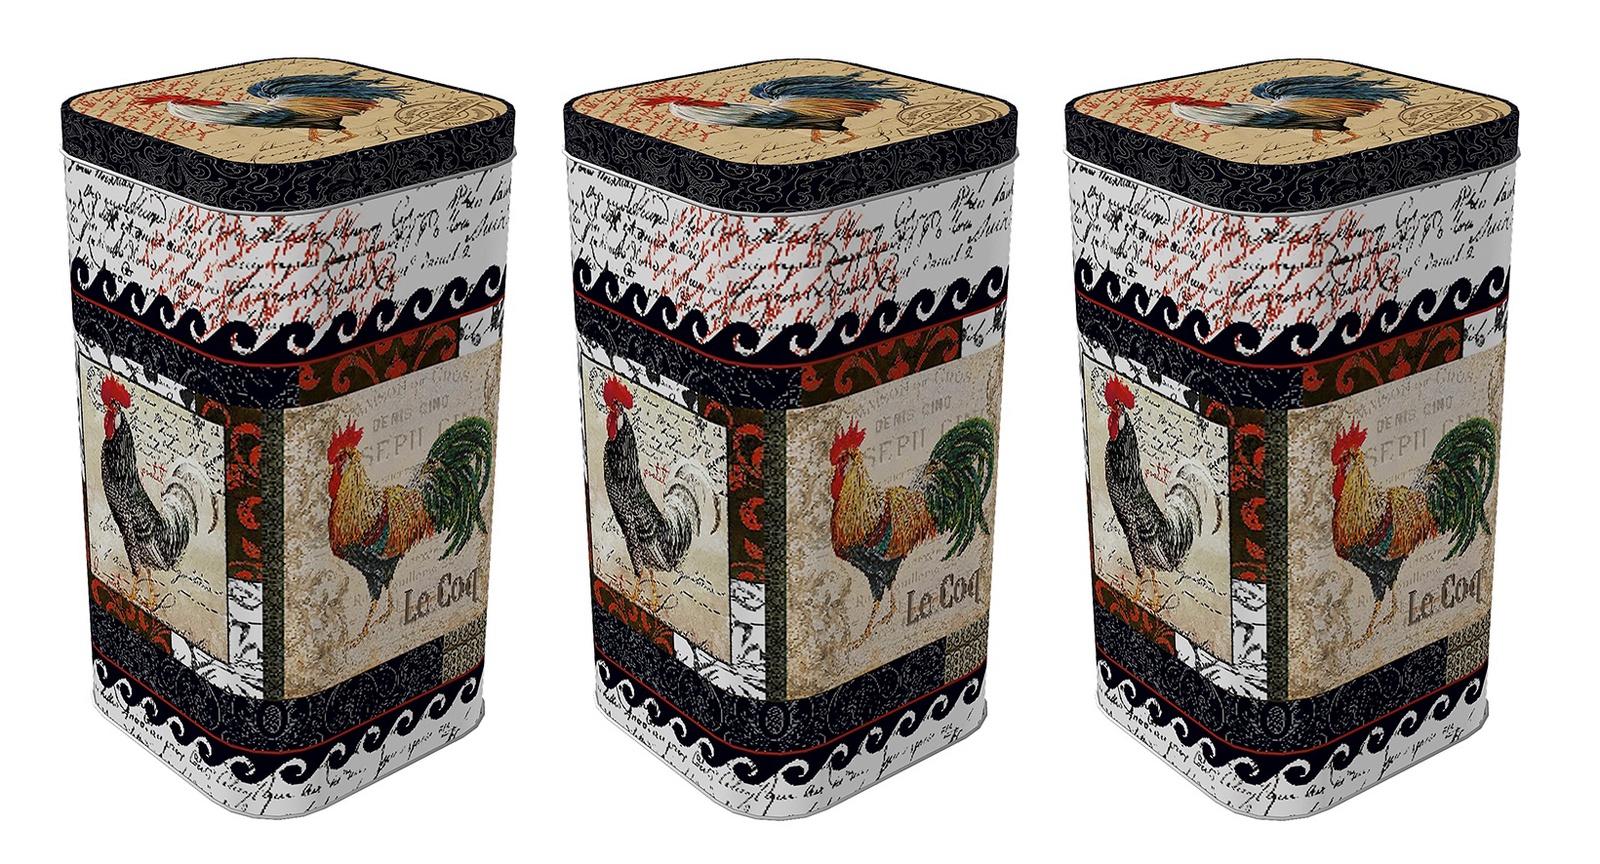 Банка для сыпучих продуктов Рязанская фабрика жестяной упаковки Петухи 1,4л, 3 шт, Жесть хранение продуктов